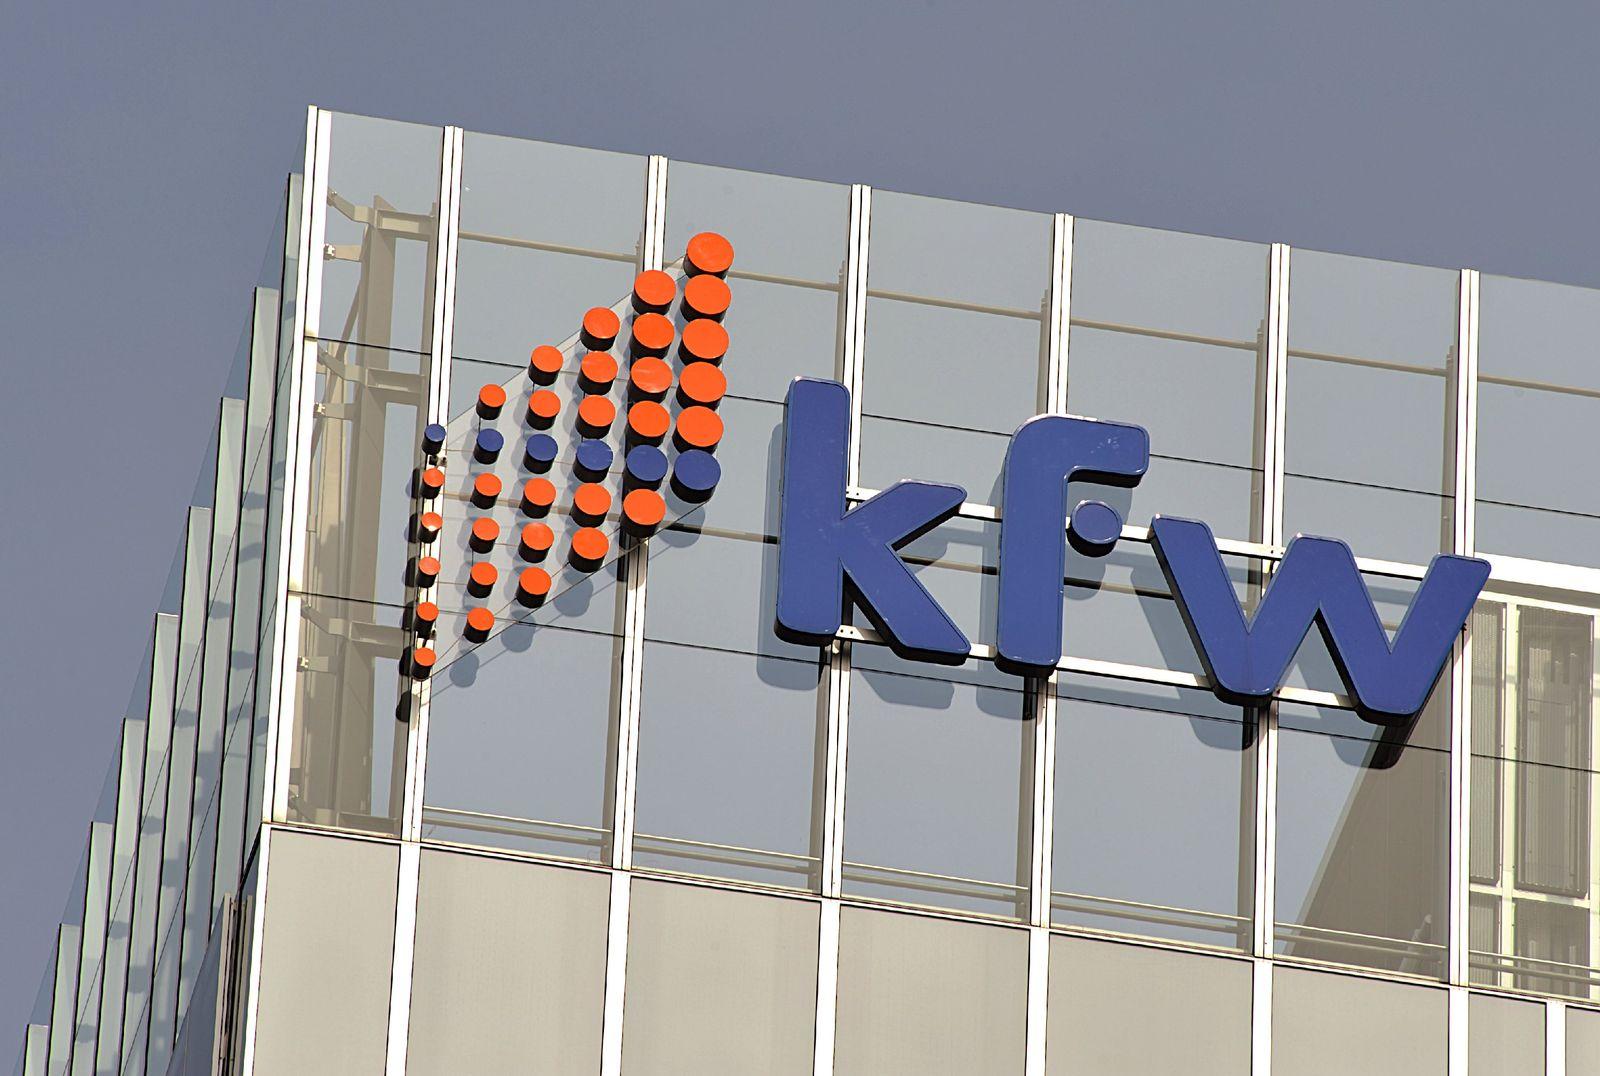 KfW Kreditanstalt für Wiederaufbau